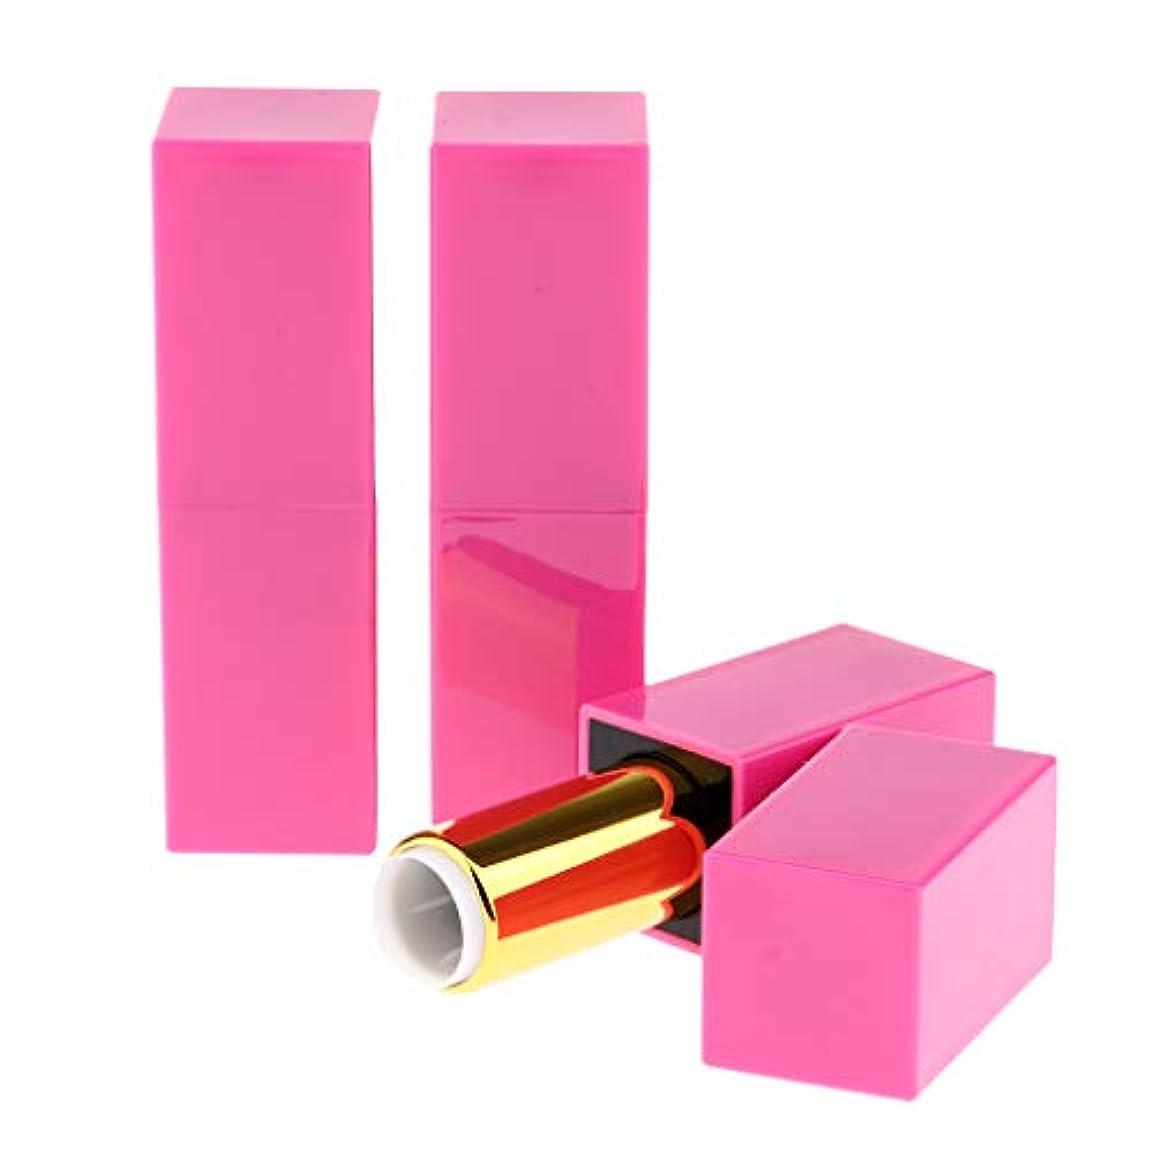 無知対抗出席する空の口紅チューブ 全3本 口紅チューブ 化粧チューブ 空詰め替えリップチューブ